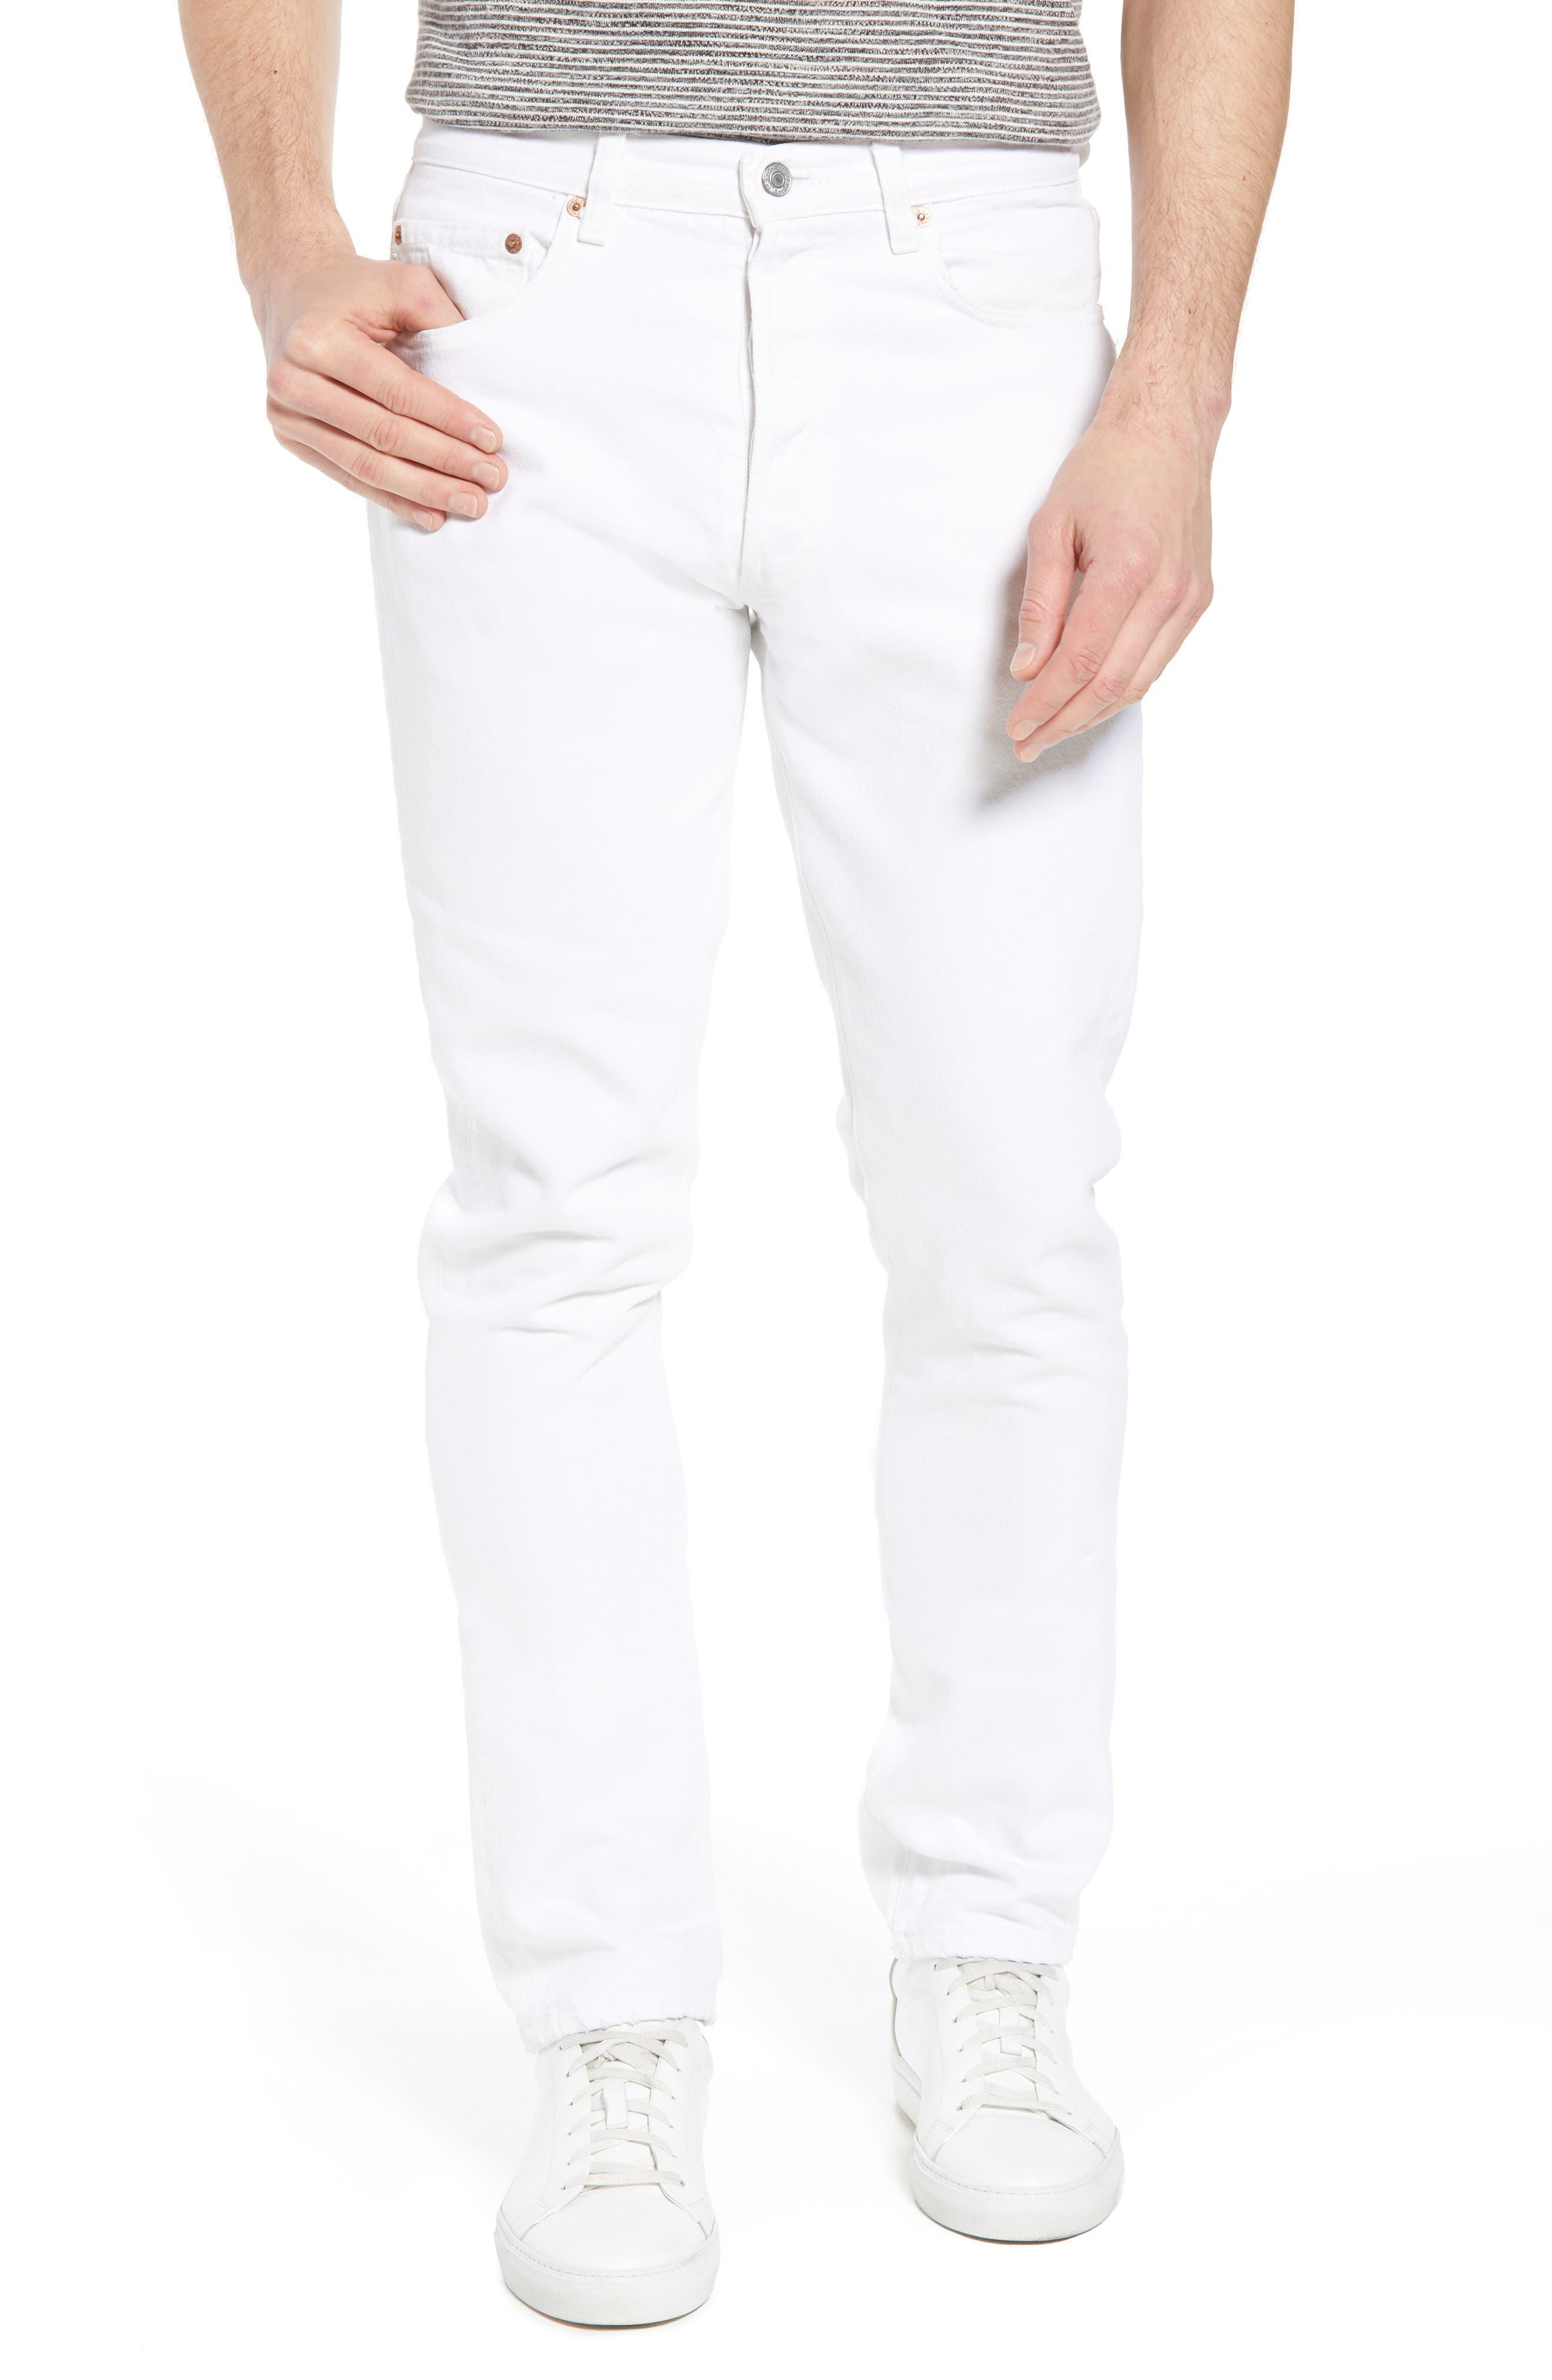 Levi's® Authorized Vintage 501® Tapered Slim Fit Jeans (AV White)